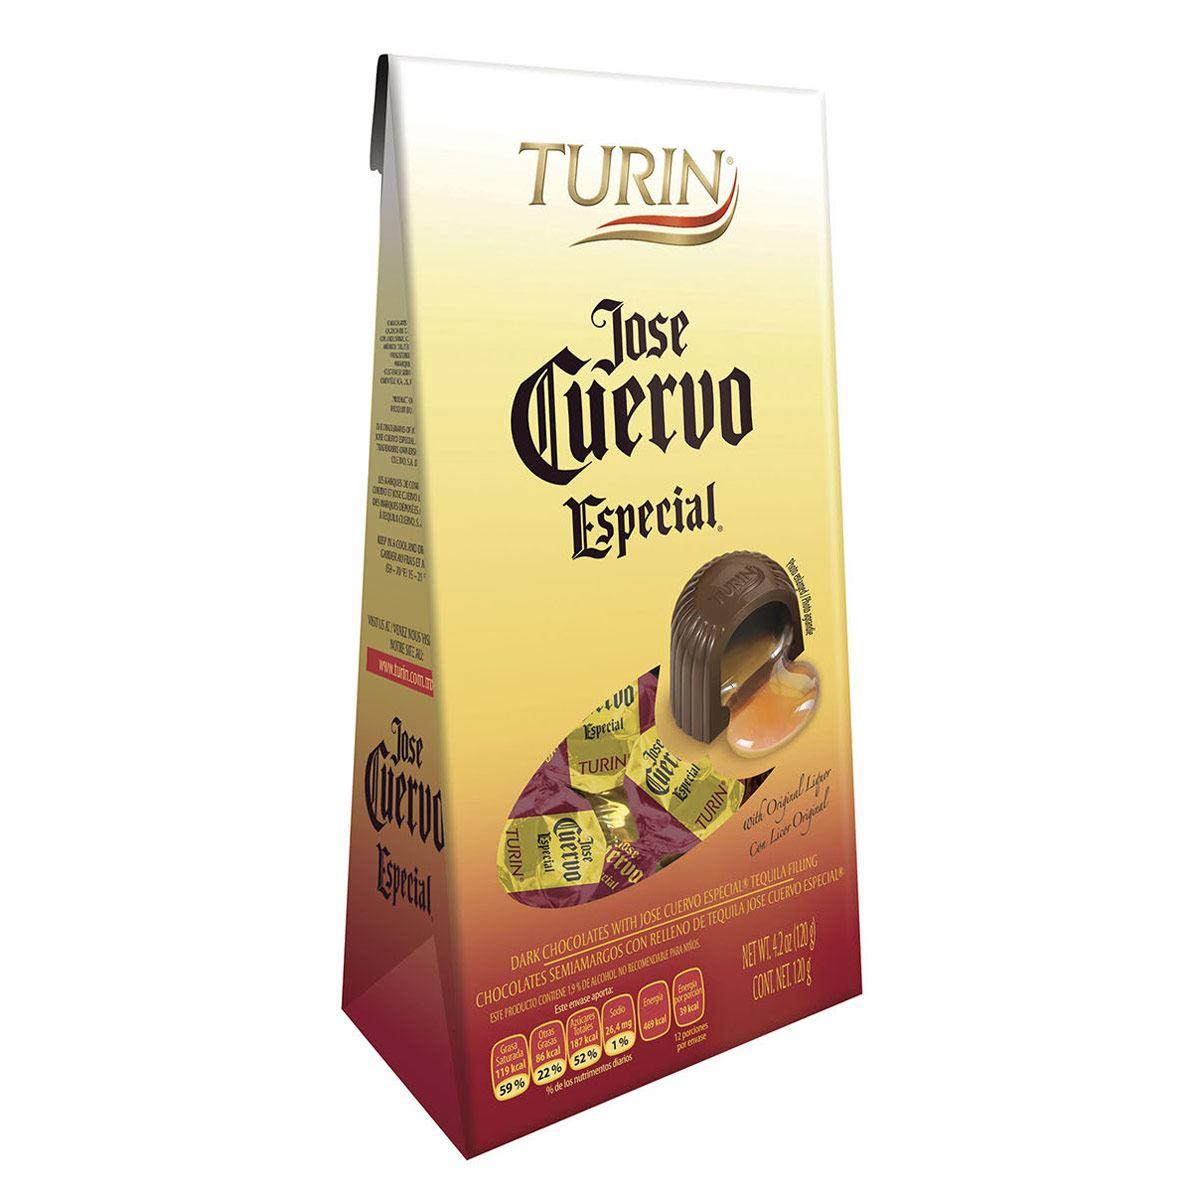 Bolsa de Chocolates rellenos de Tequila Jose Cuervo Especial Turin 120g